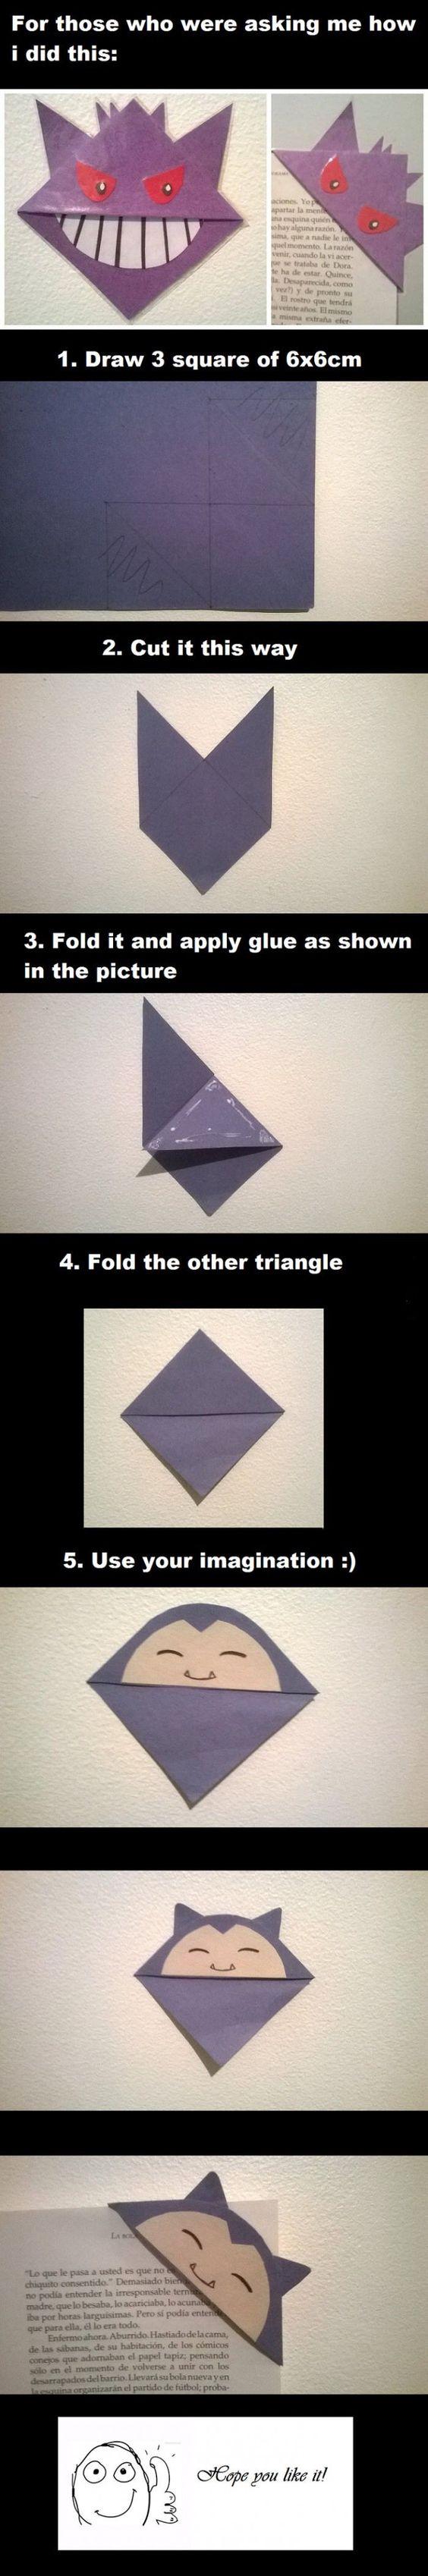 guenstige inspiration modellbahn beleuchtung anleitung meisten abbild und fdcaadfdbfab monster bookmark origami bookmark